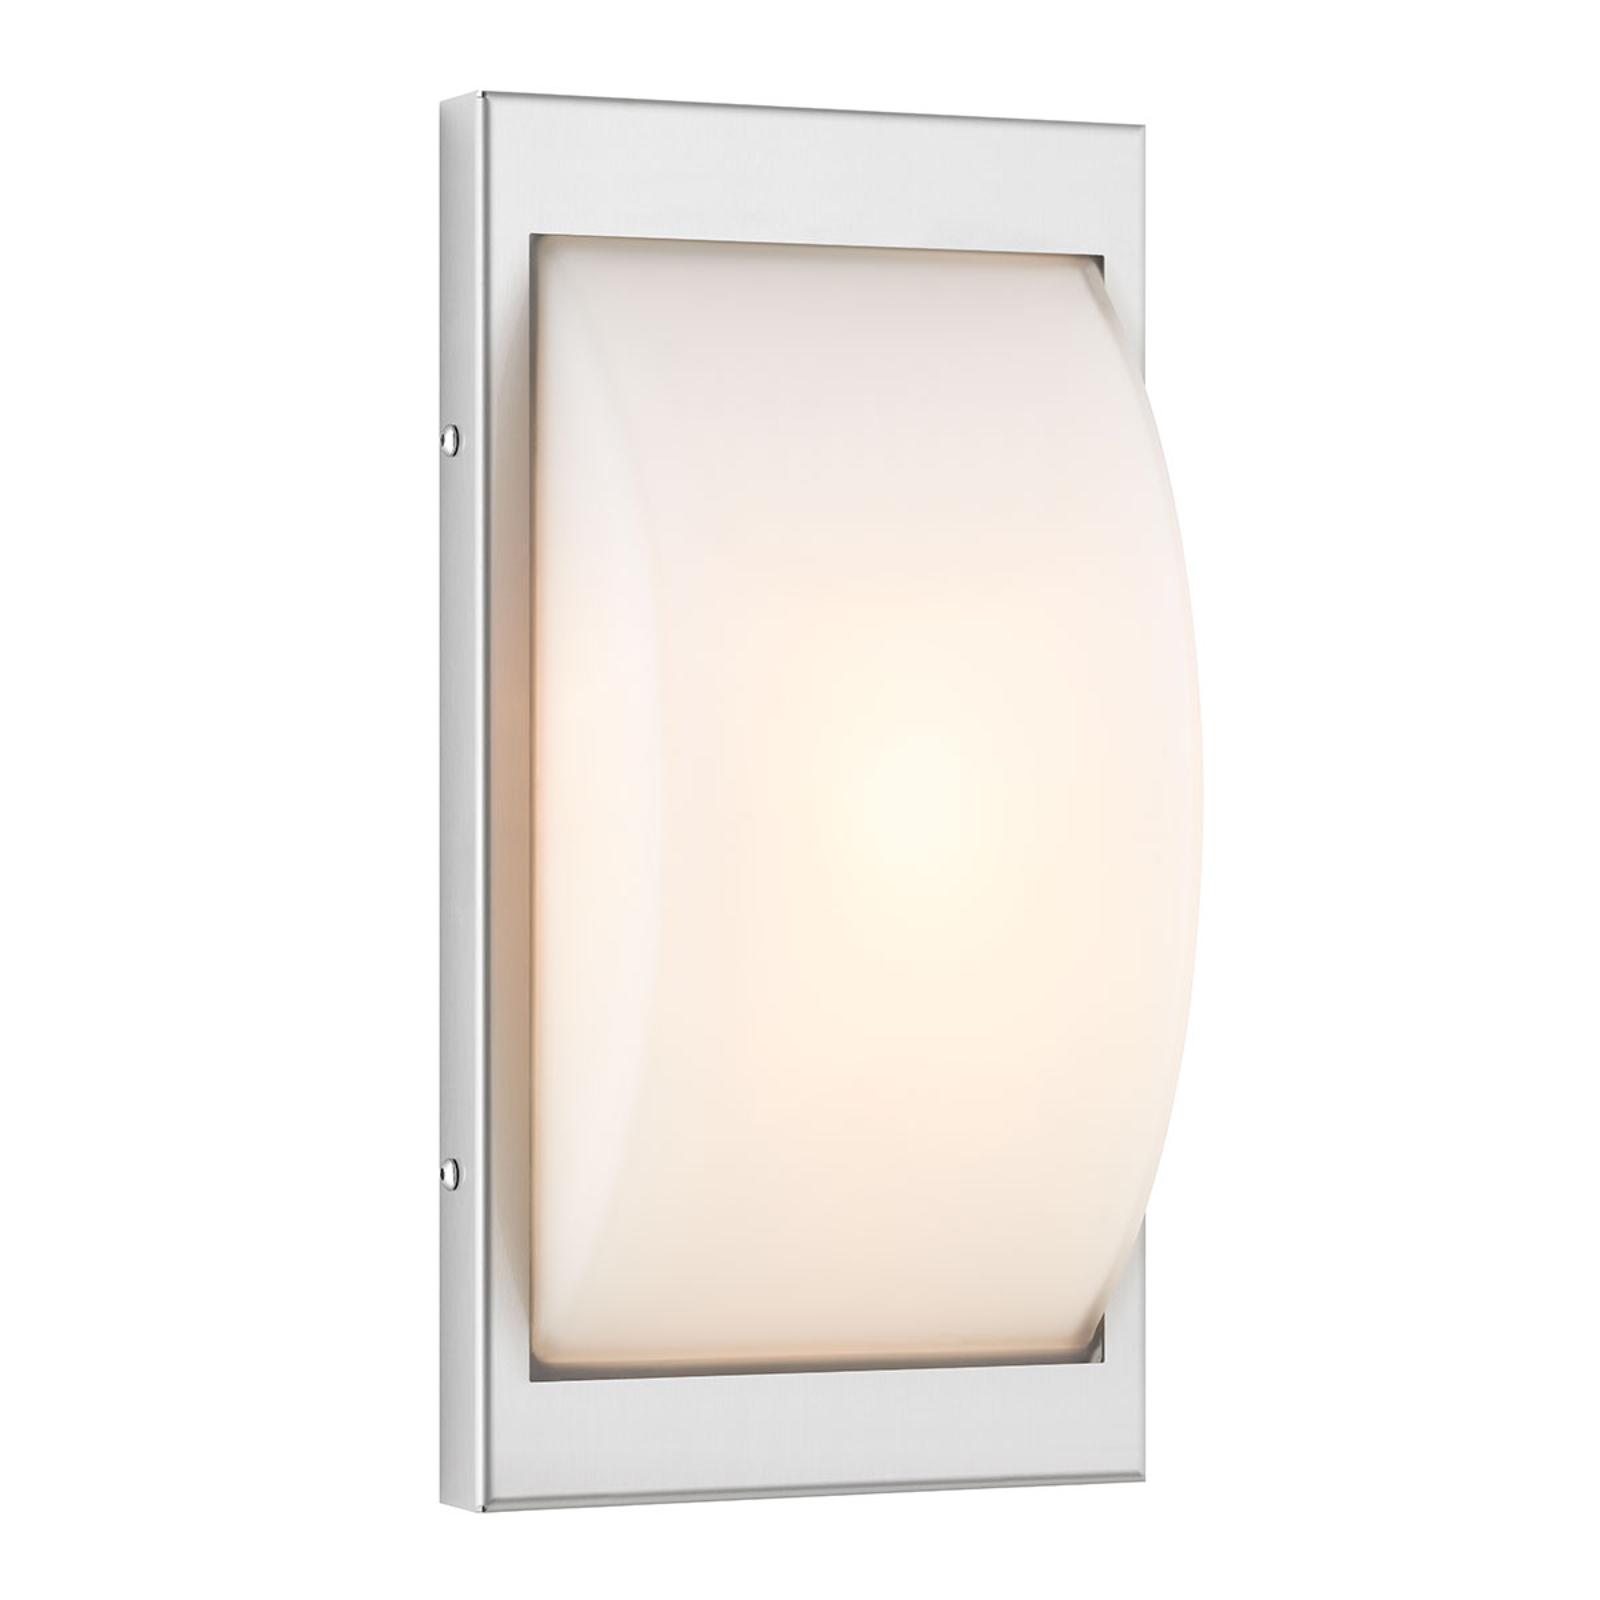 Applique d'extérieur LED Typ 068LED acier inox